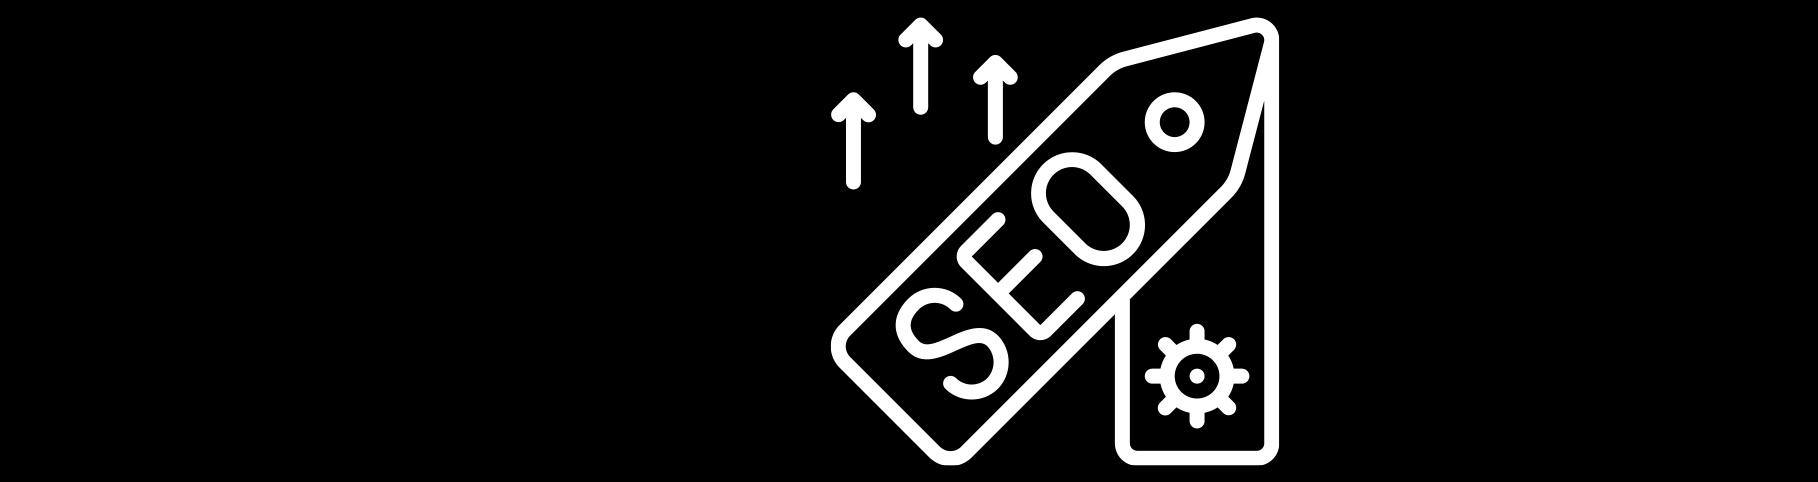 SEO label til SEO guide